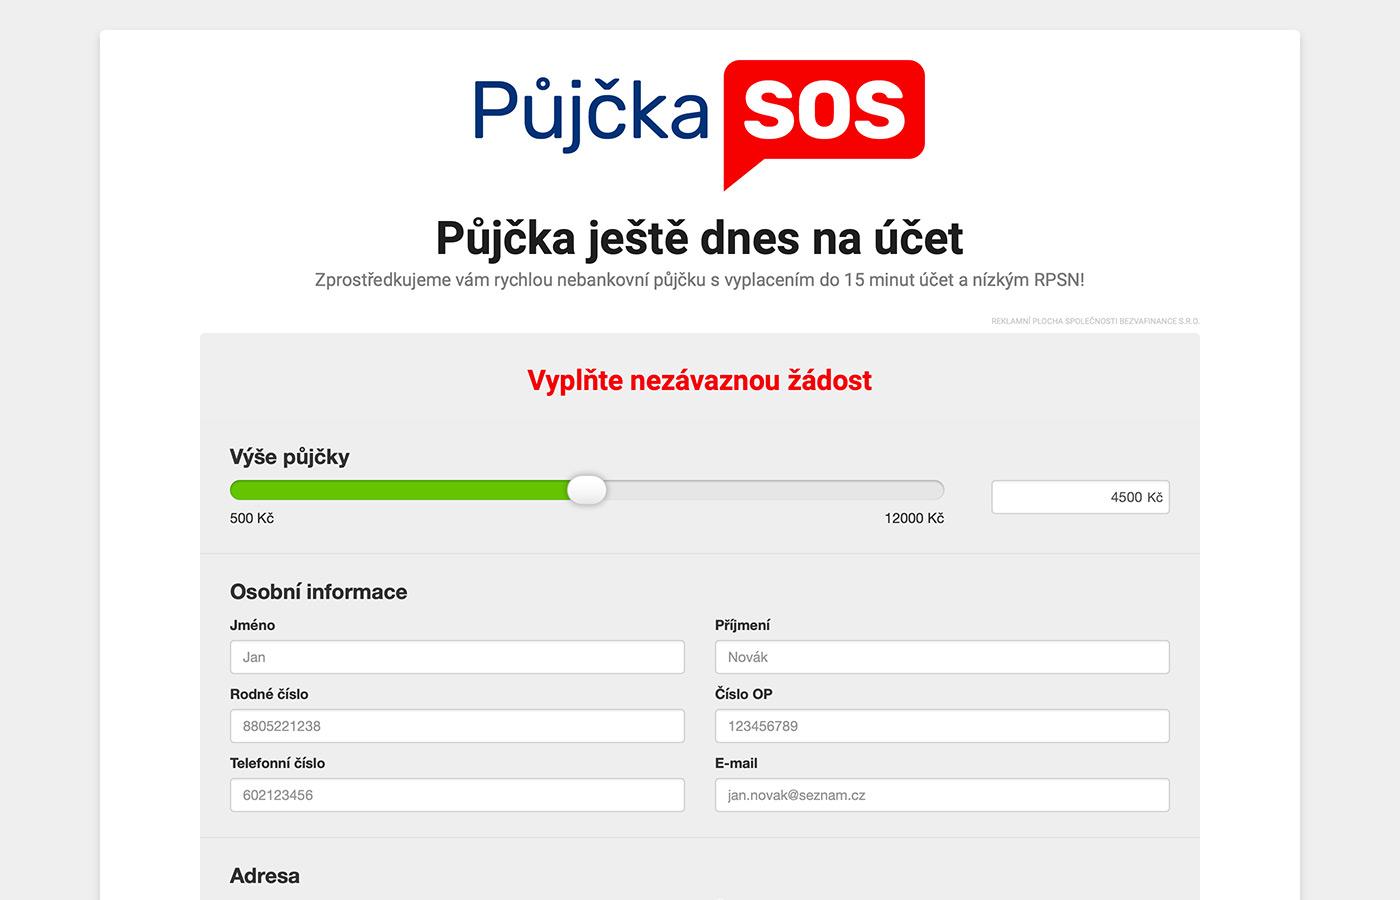 Náhled webových stránek www.pujckasos.cz